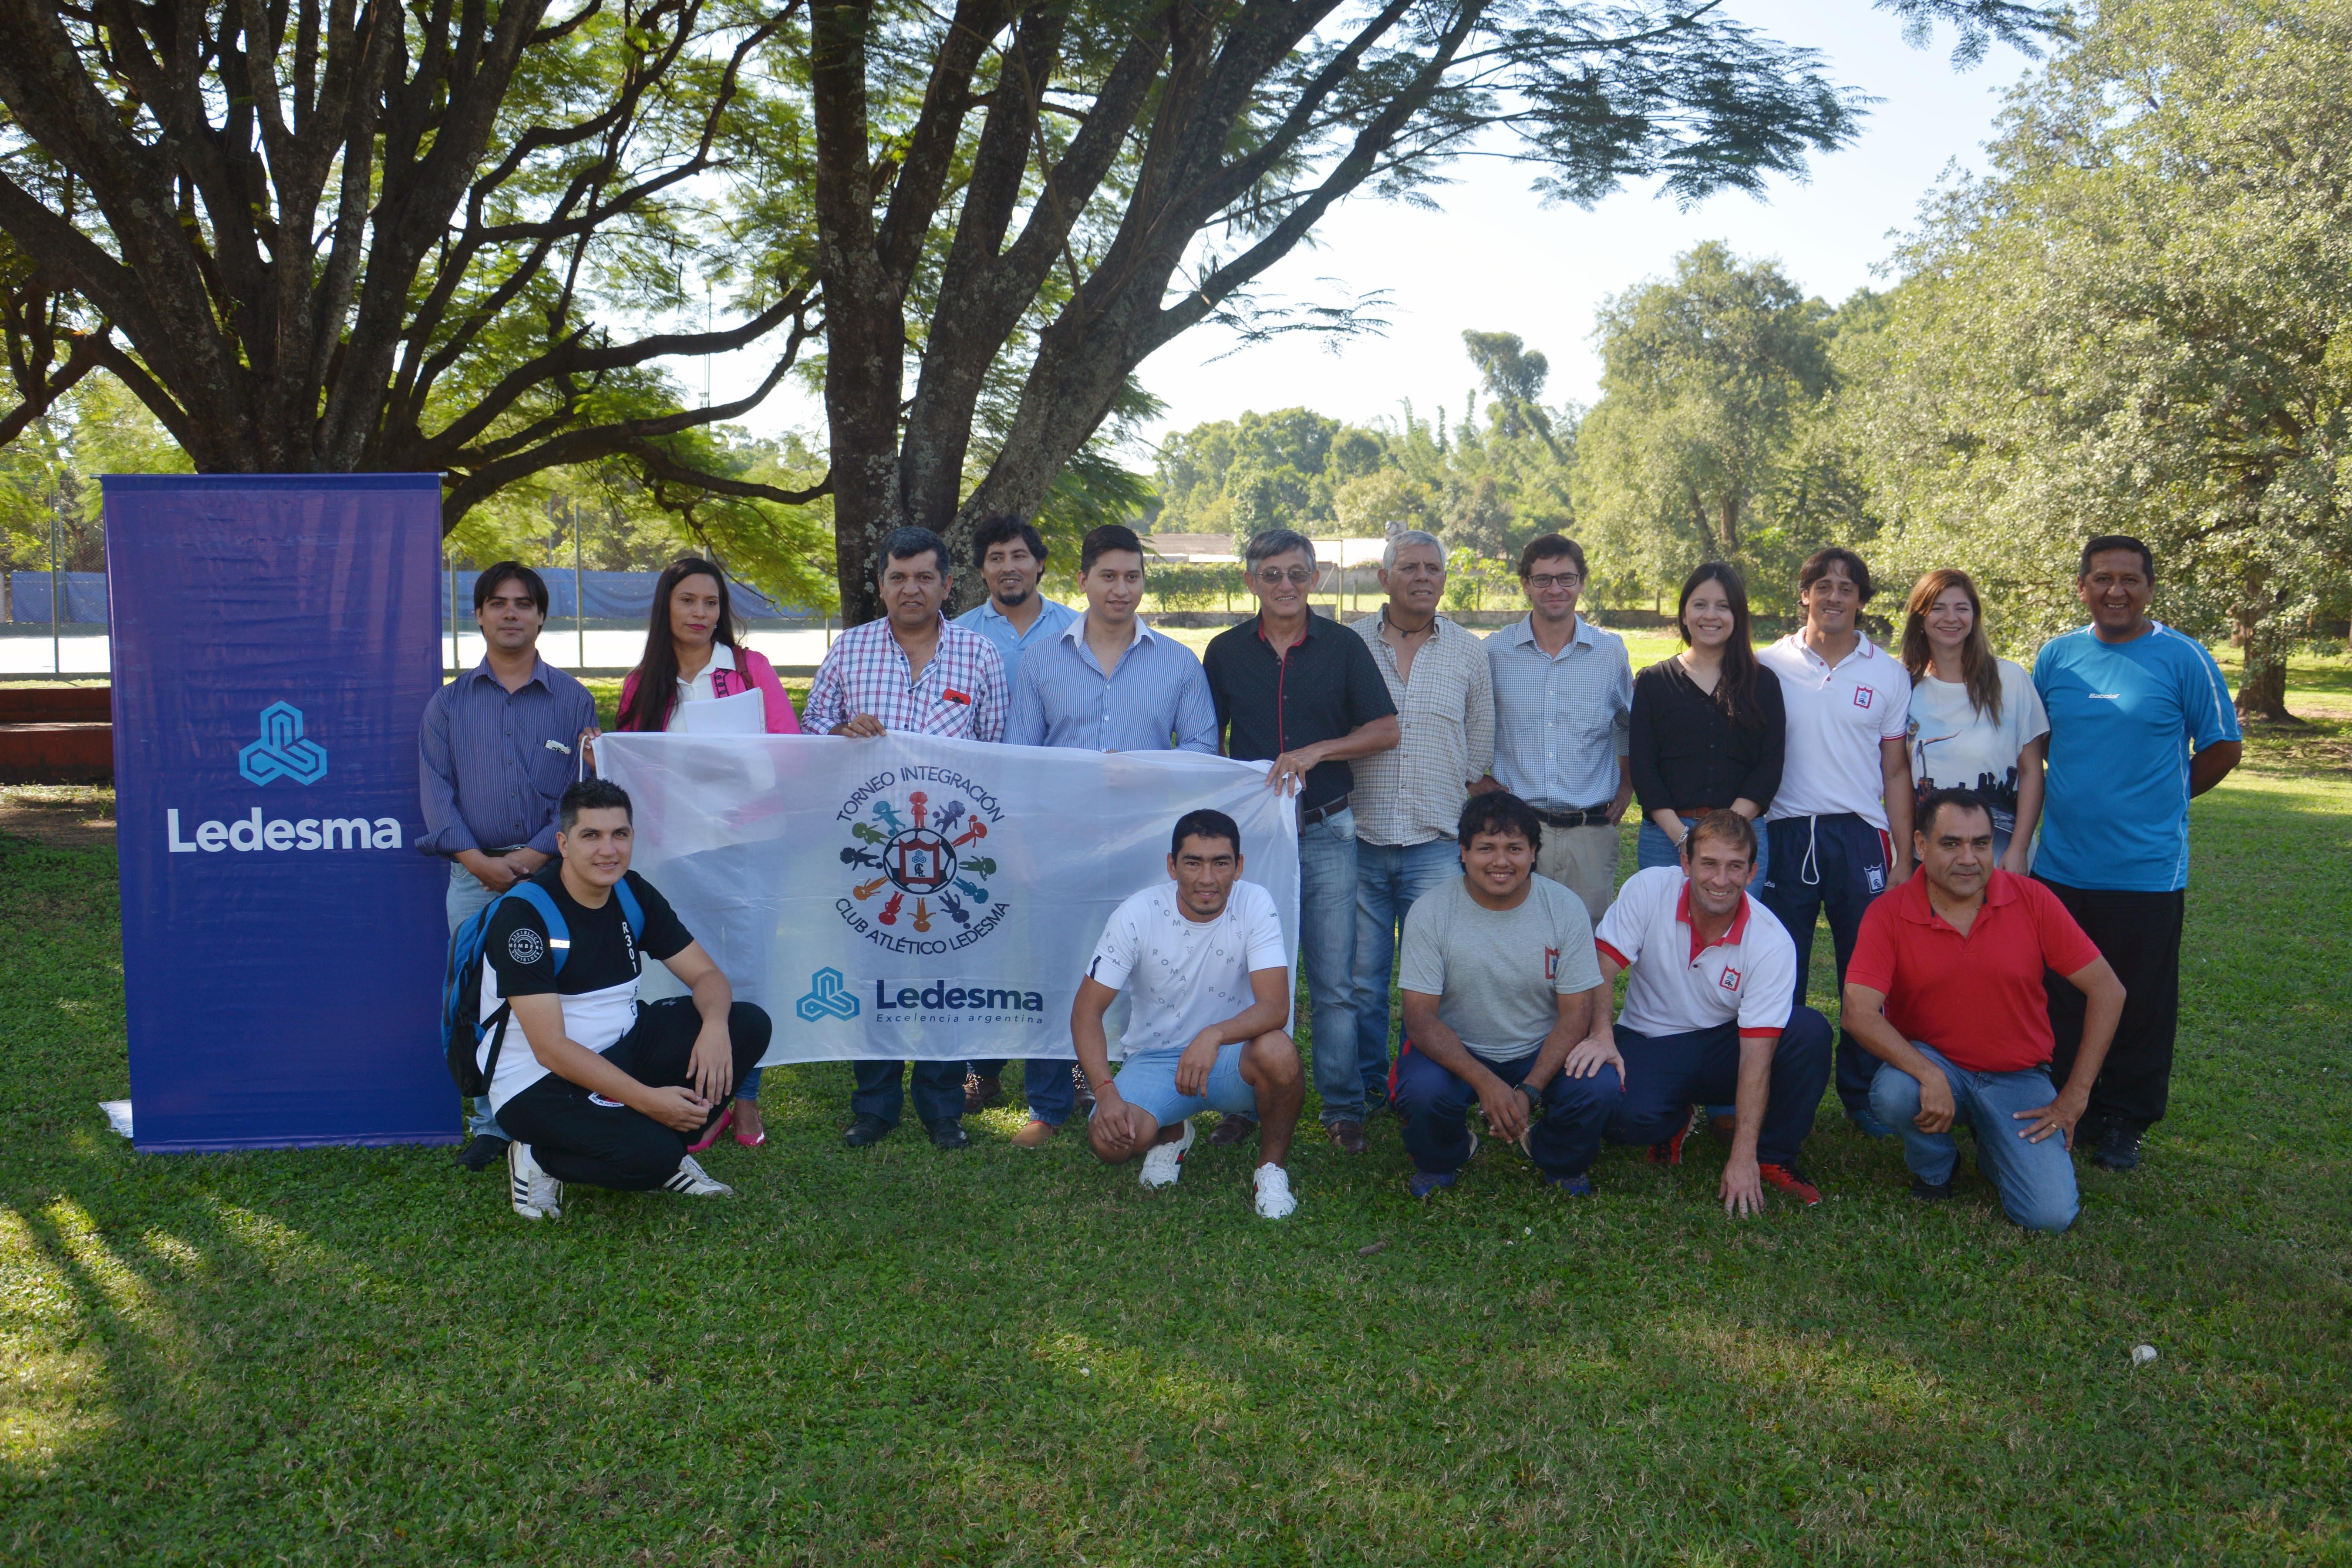 Inicia el campeonato de fútbol infantil de Ledesma